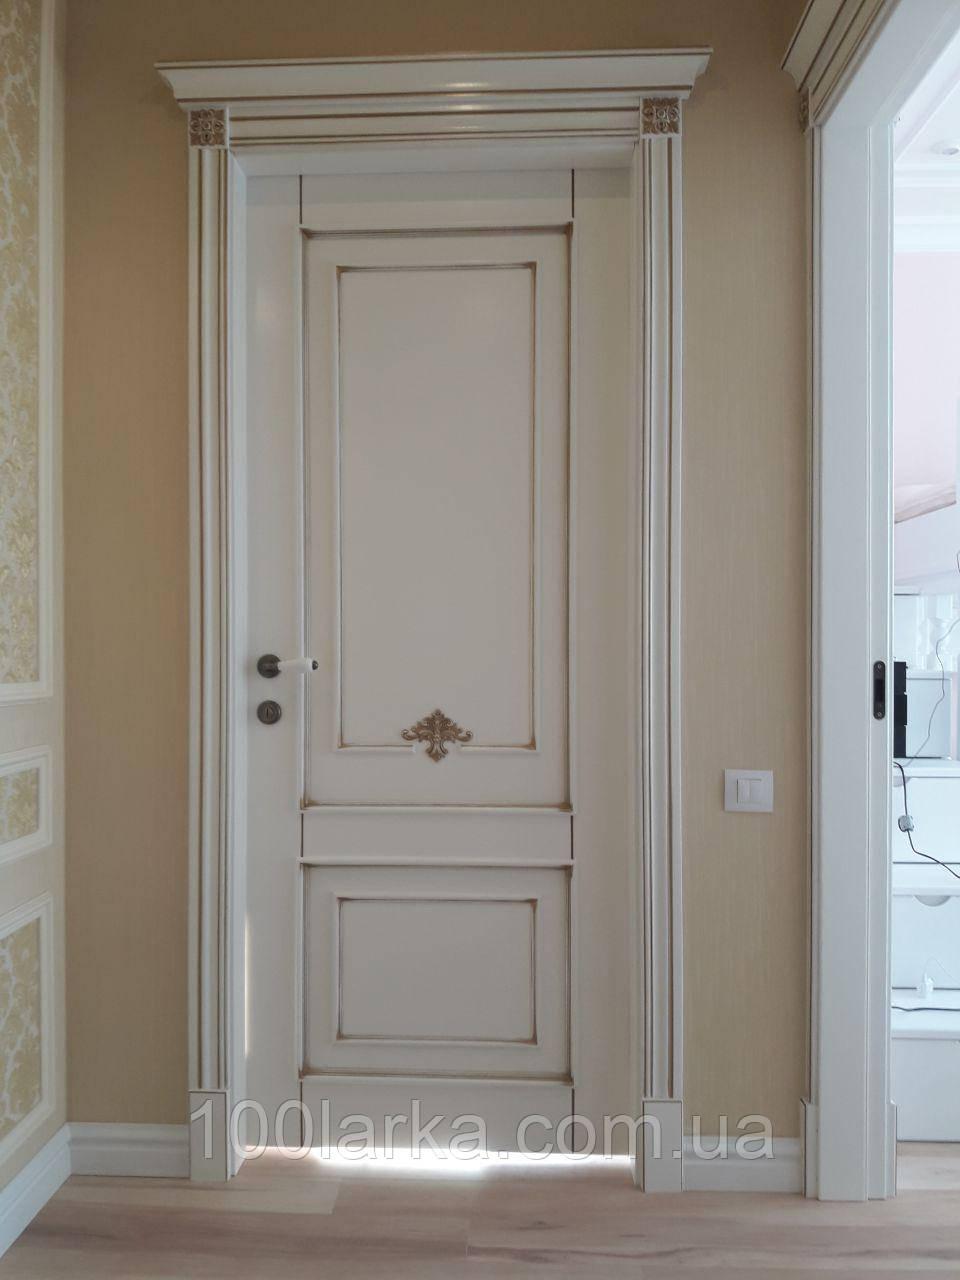 Двери межкомнатные из натурального дерева ясень, фото 1